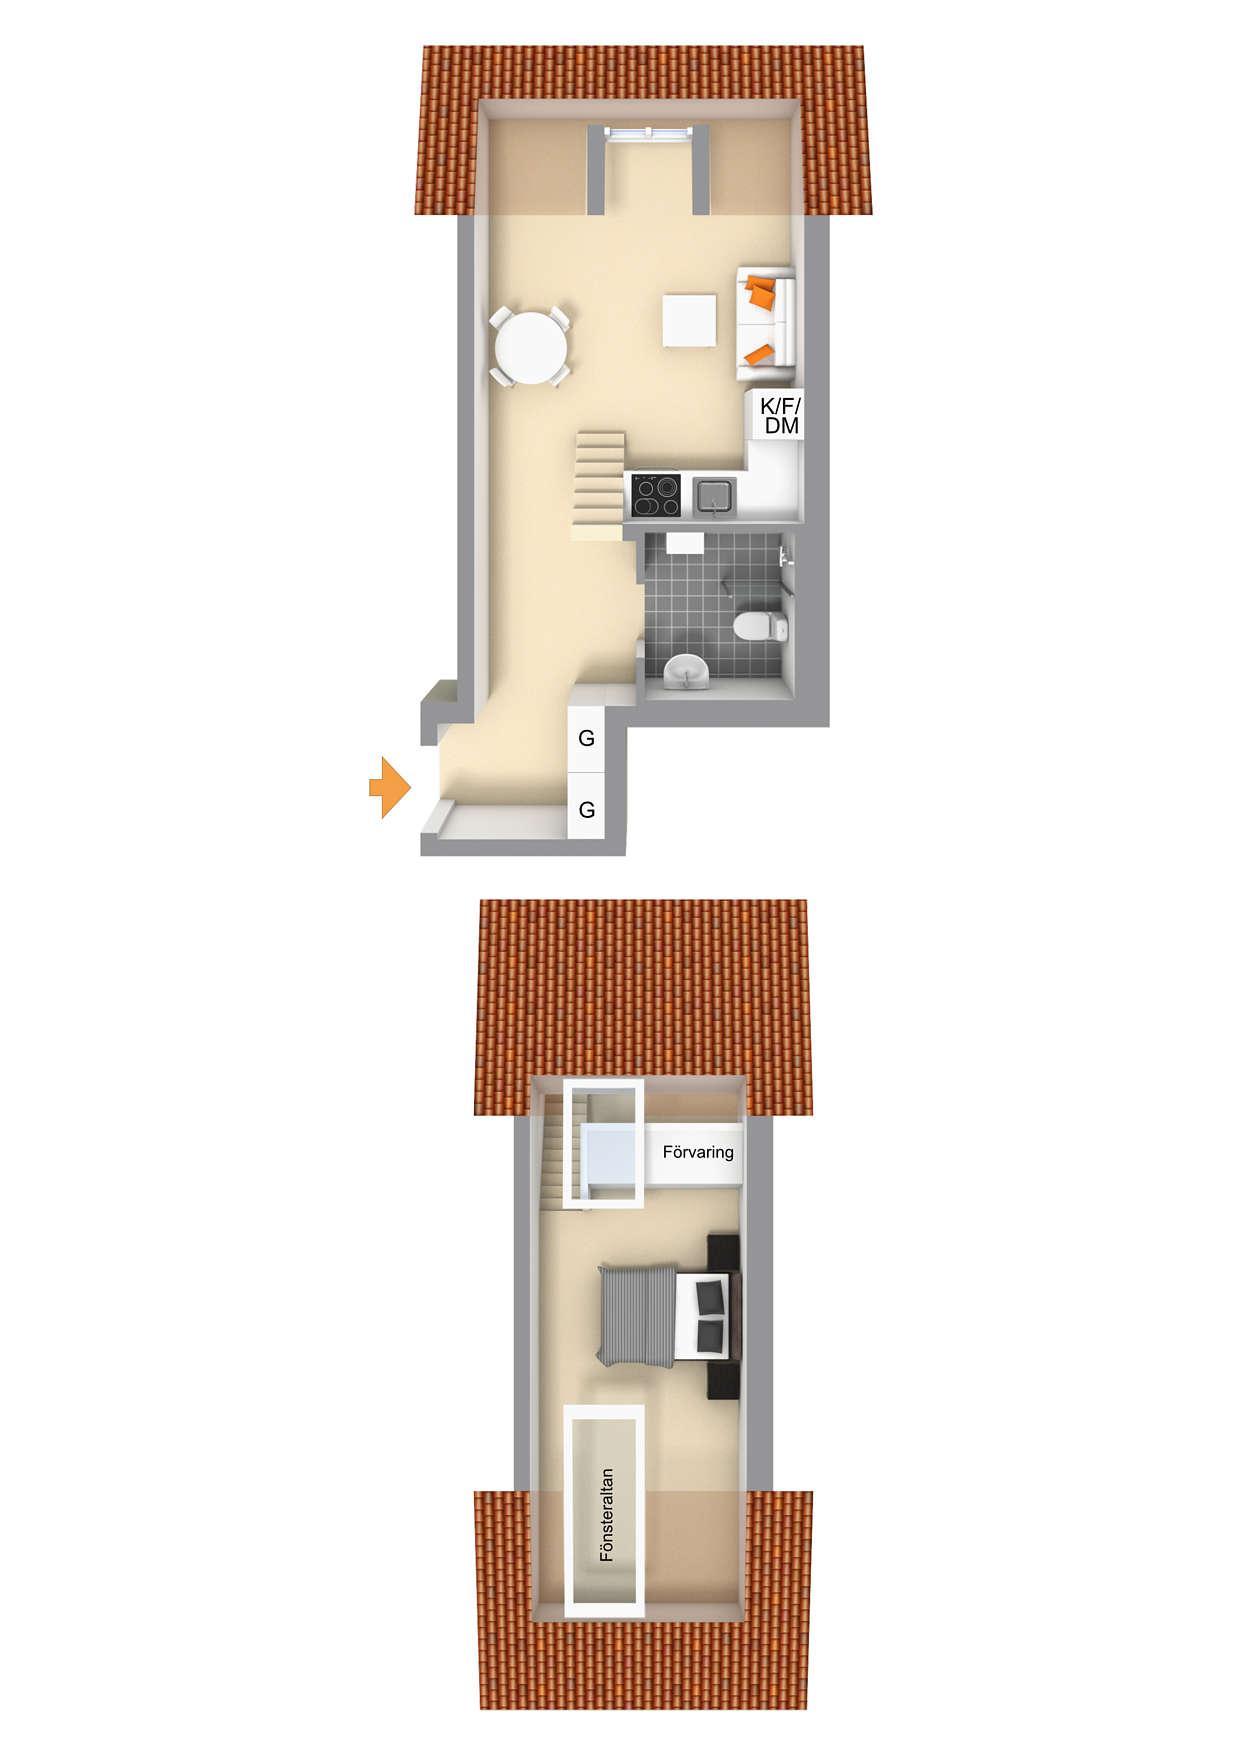 Ritning lägenhet 1607 - för övriga ritningar se bifogade Bofaktablad